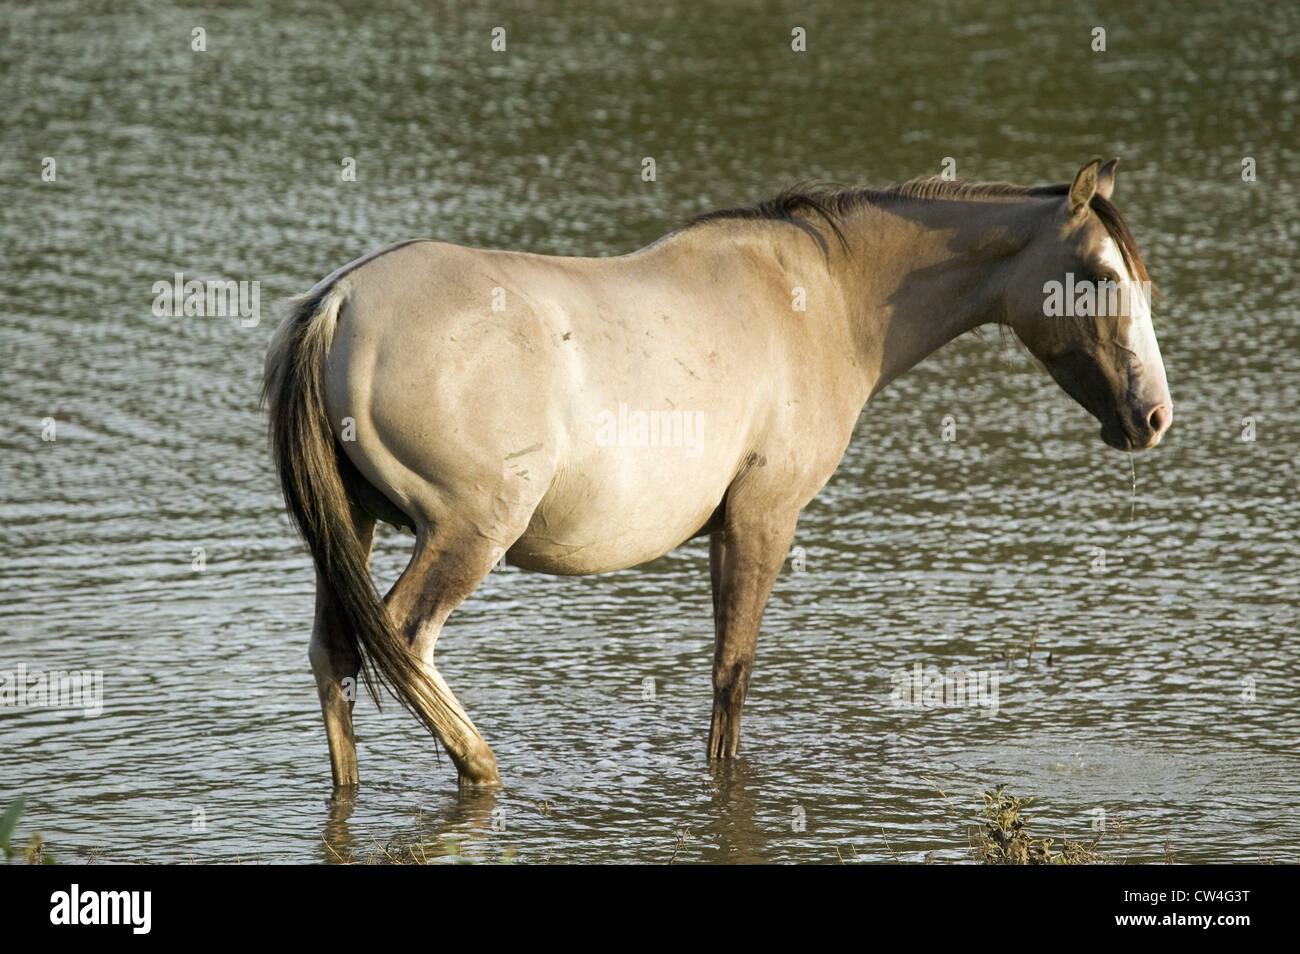 L'étang de patauger dans des Black Hills Wild Horse Sanctuary accueil à plus grand troupeau de chevaux sauvages Banque D'Images